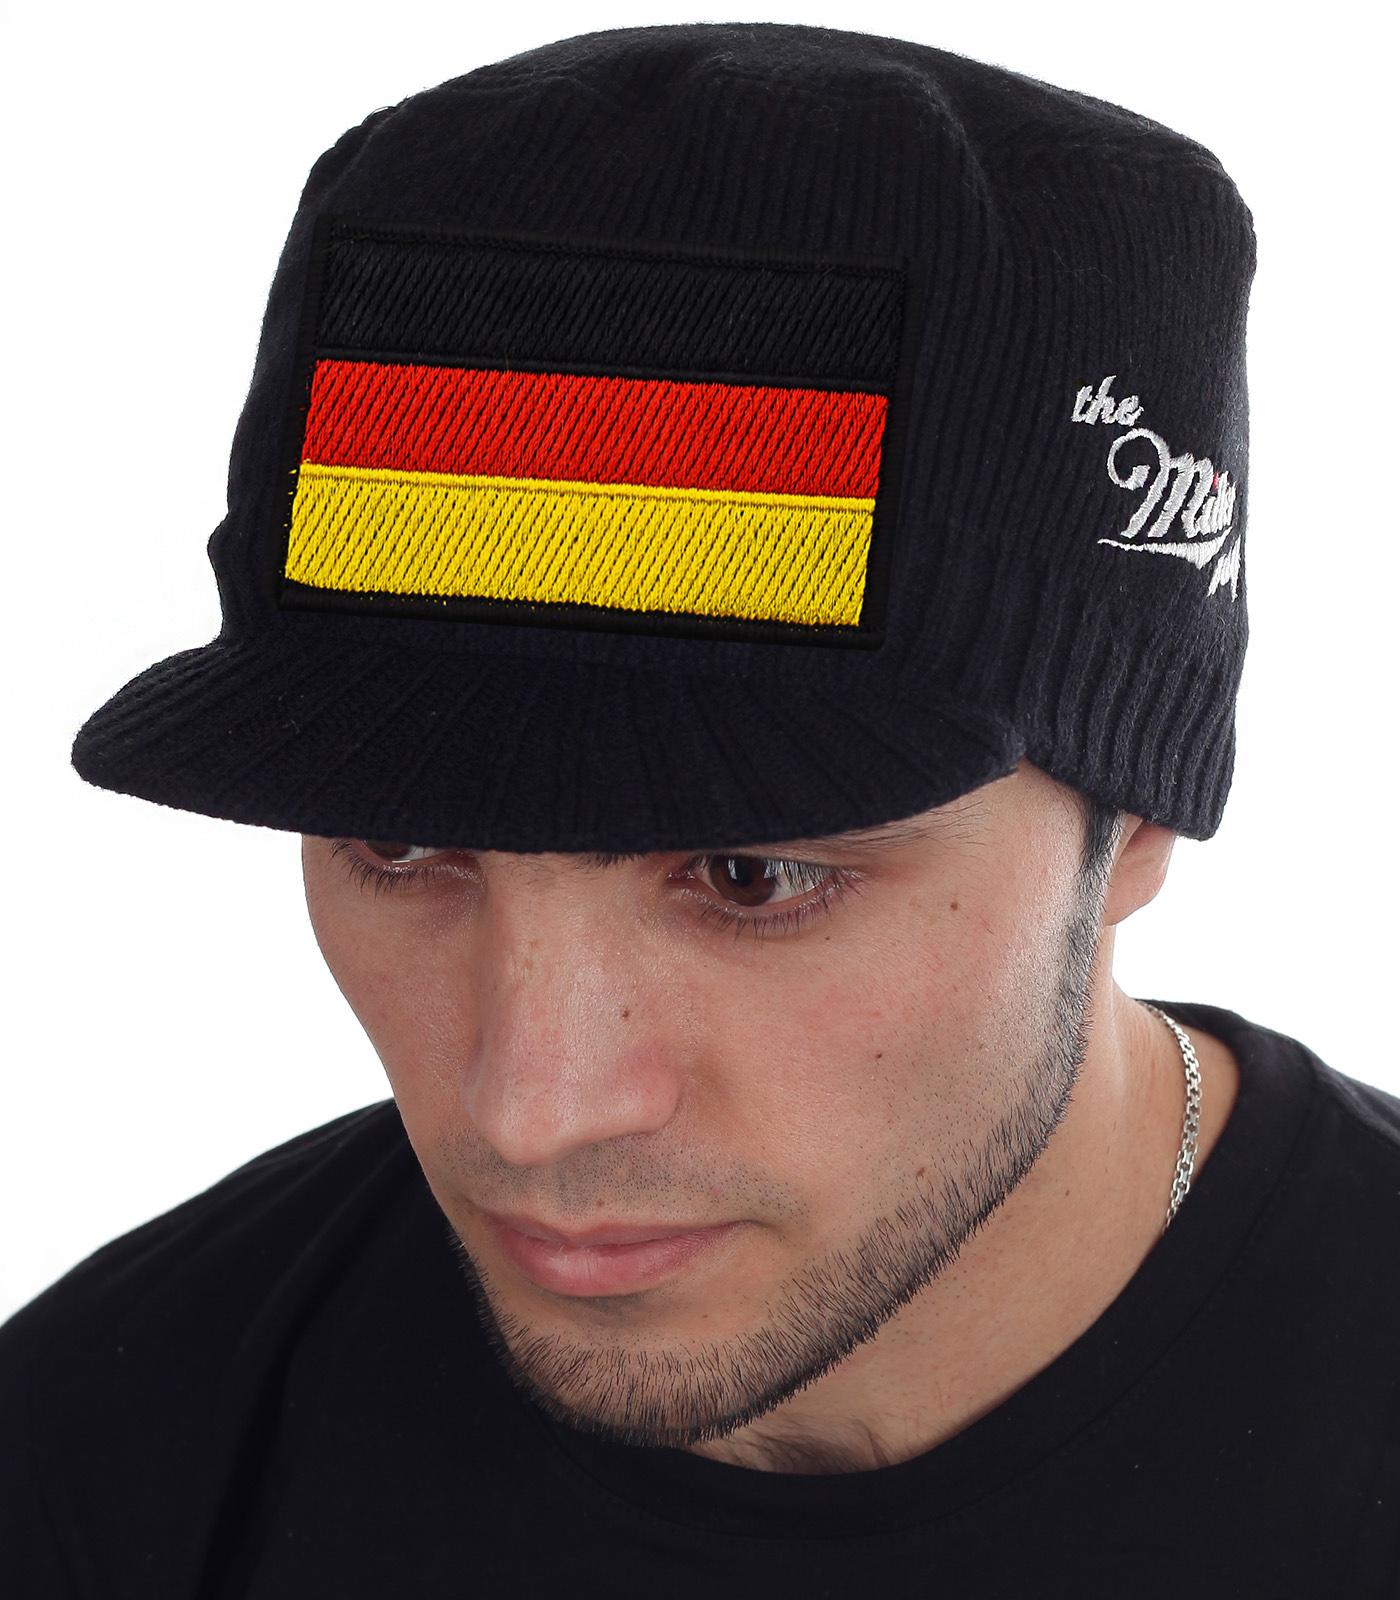 Теплая мужская шапка-кепка с плотным вязаным основанием и коротким козырьком. Ограниченная серия головных уборов в стиле Miller Way. Минималистичный гранж дизайн с флагом Германии и фирменным лого